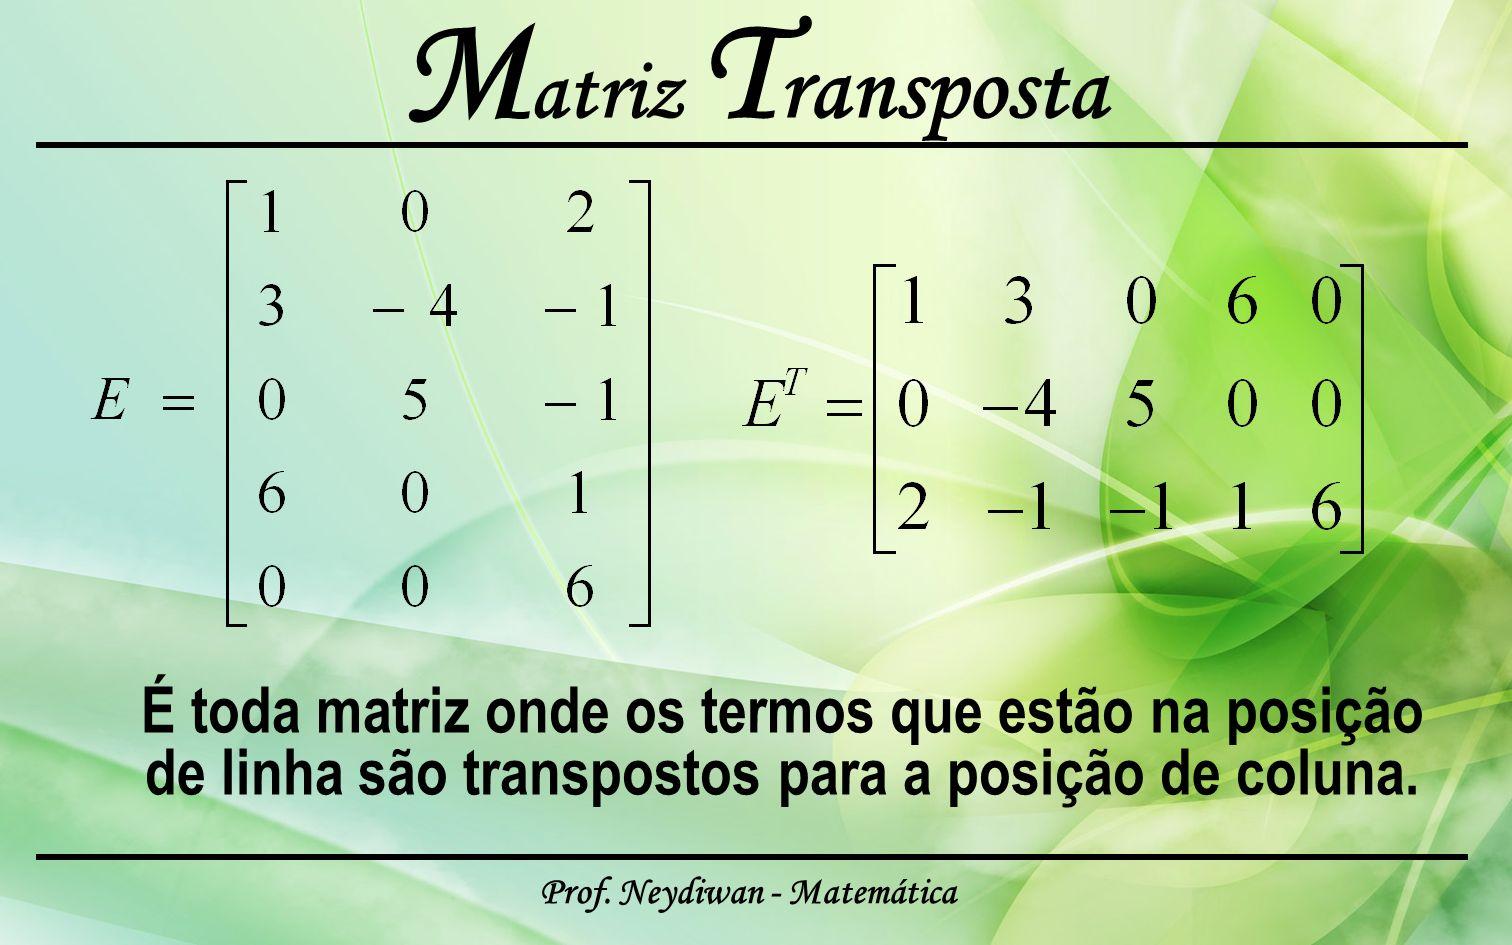 Prof. Neydiwan - Matemática M atriz T ransposta É toda matriz onde os termos que estão na posição de linha são transpostos para a posição de coluna.